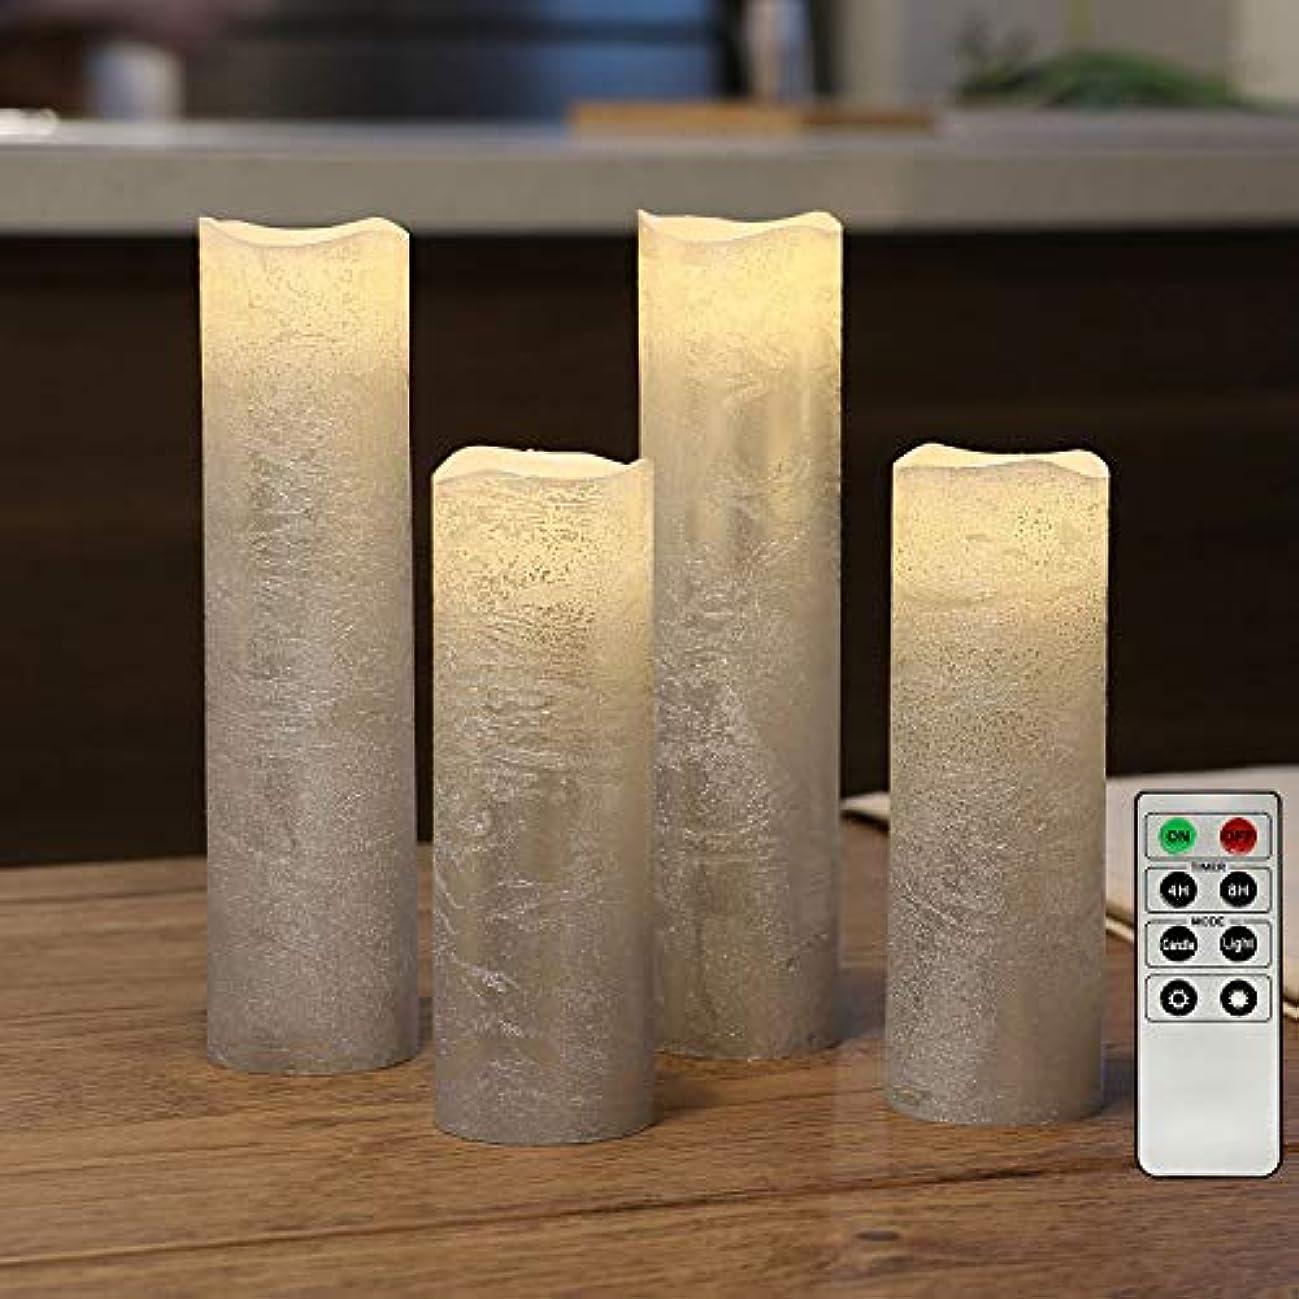 無傷噴水エチケットシルバー電池式キャンドル、スリムFlameless Candle、テクスチャ仕上げ、ワックス、4のセット電池&リモート含ま